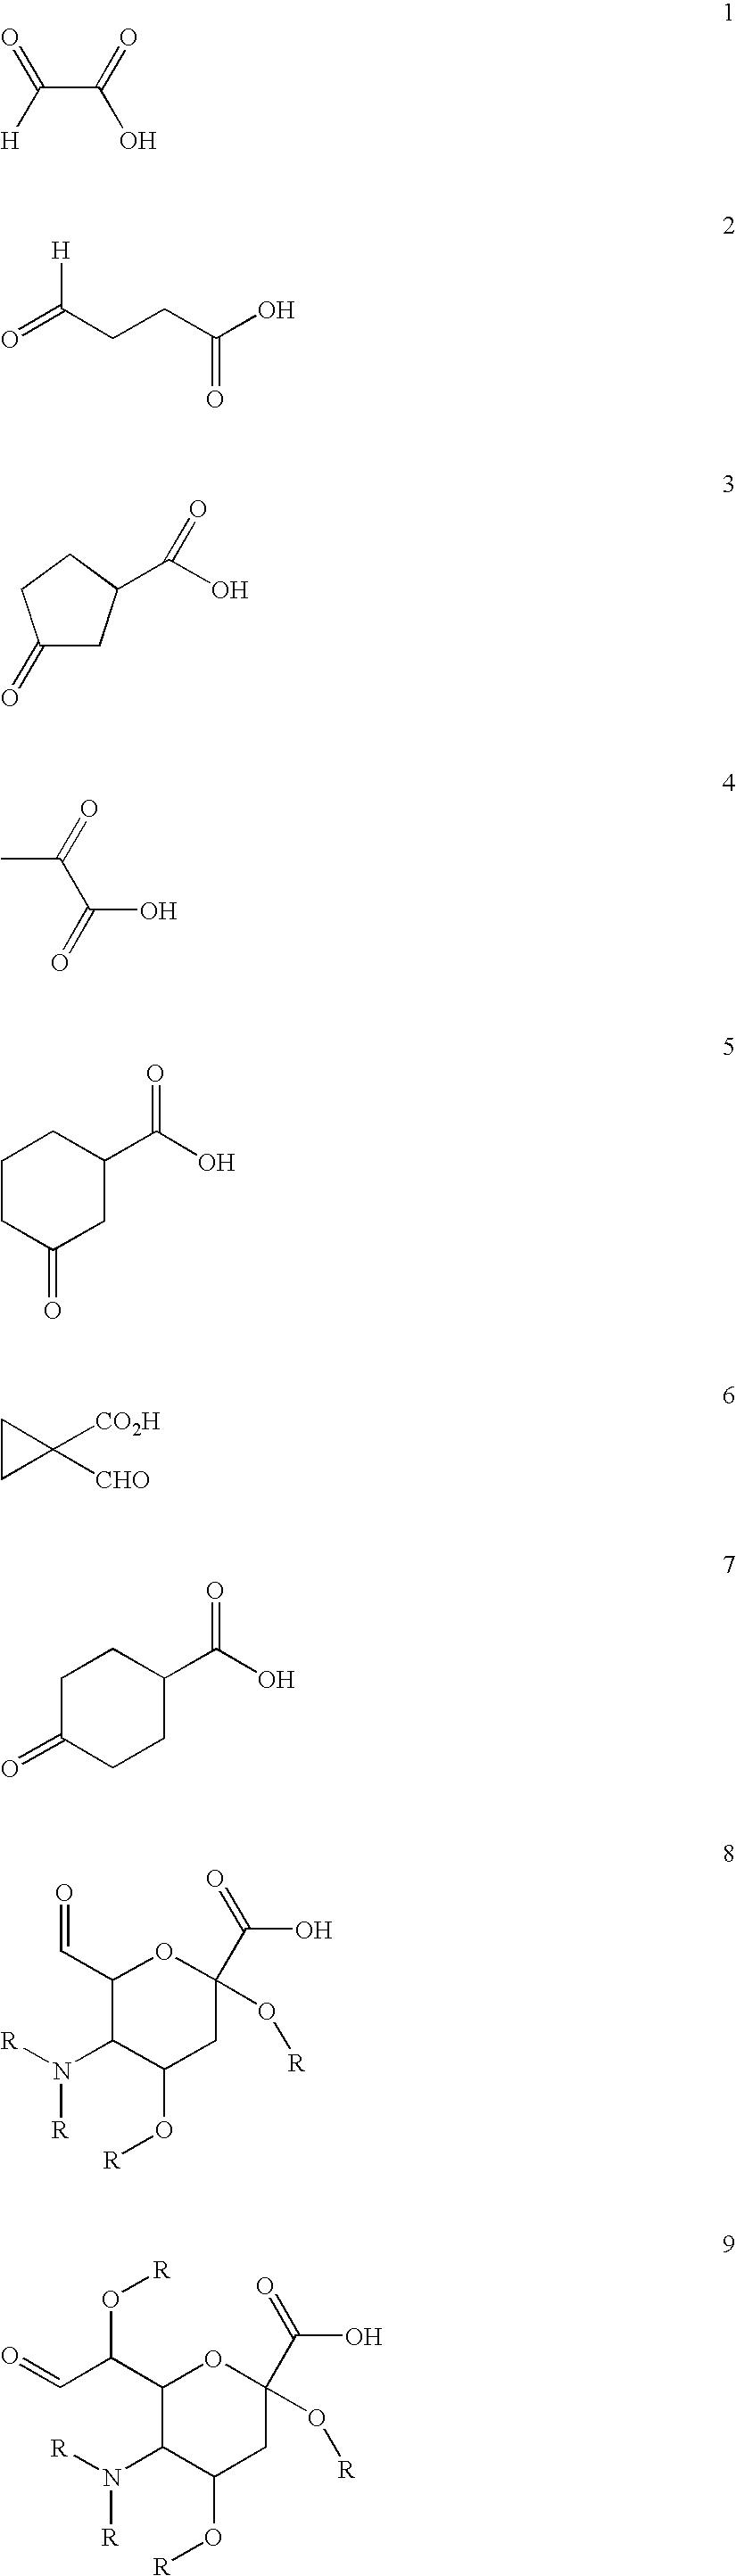 Figure US08017739-20110913-C00053